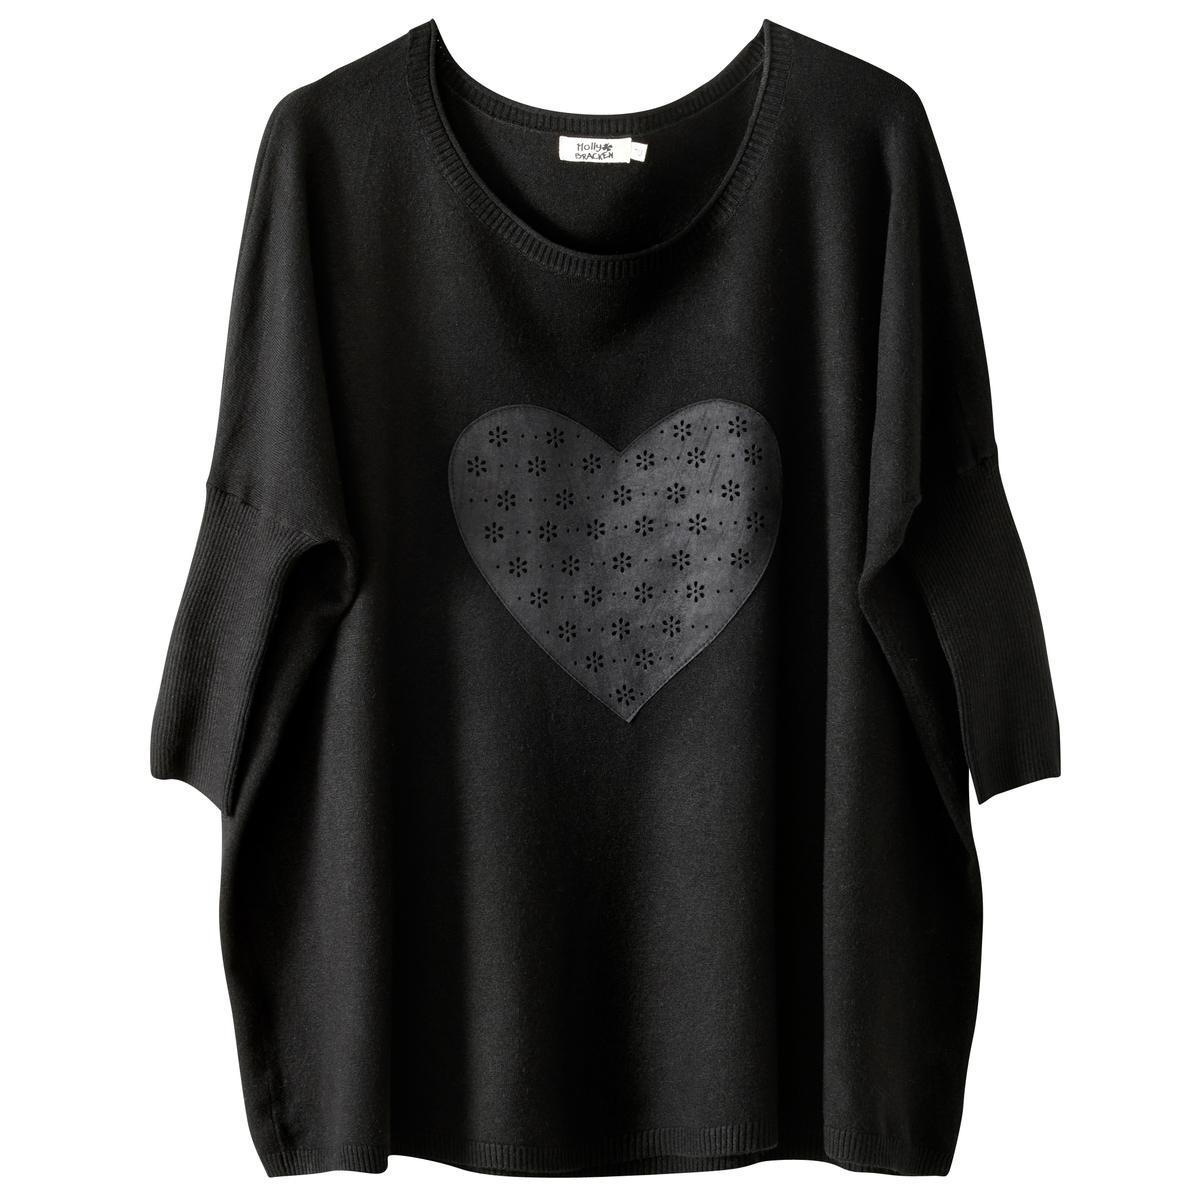 Пуловер с рисунком сердце, вырез-лодочкаСостав и описание :Материал : 55% растительных волокон, 45% полиэстера Марка : MOLLY BRACKEN.<br><br>Цвет: черный<br>Размер: единый размер